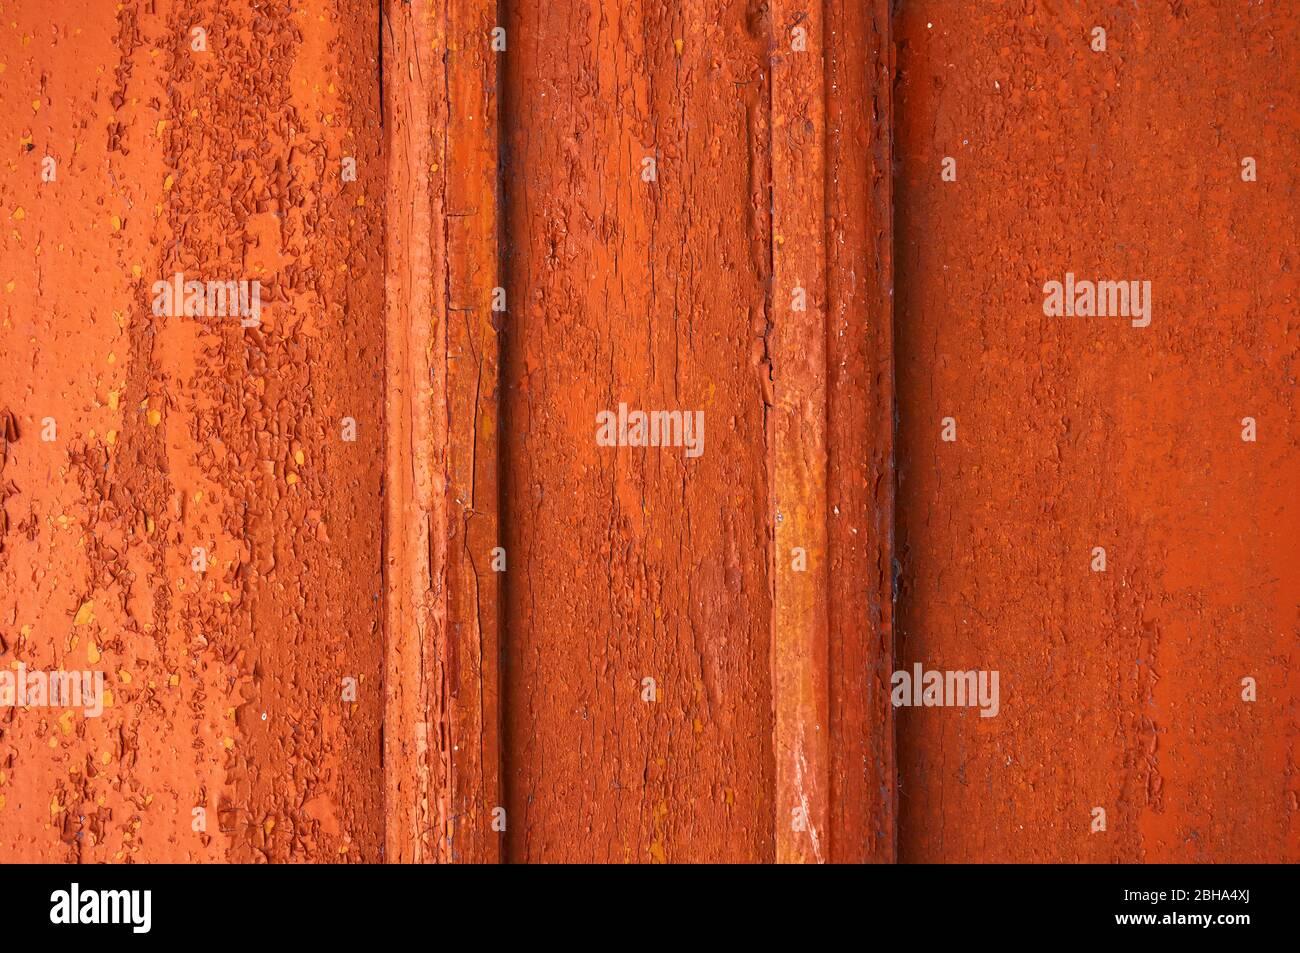 Colore Su Legno Scheggiato E Stagionato Rosso Giallo Arancio Foto Stock Alamy